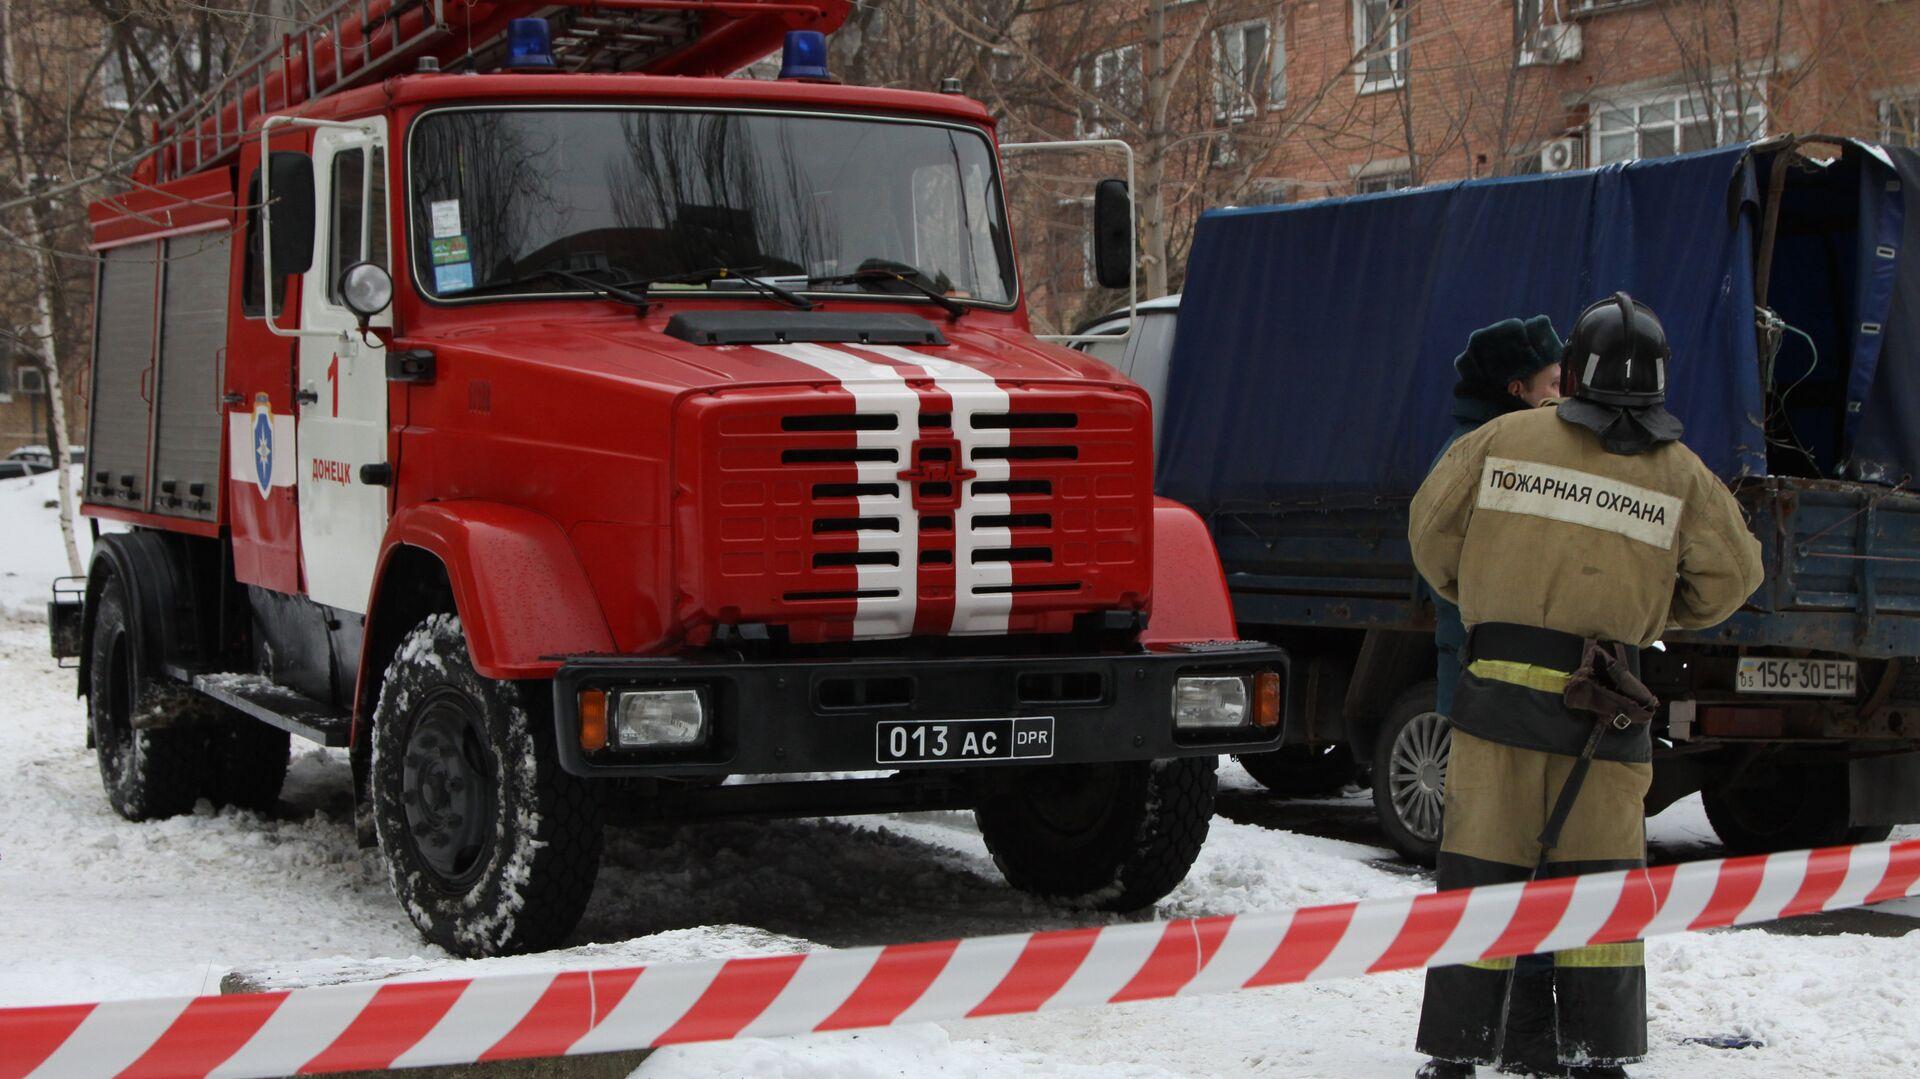 Сотрудники пожарной охраны в ДНР - РИА Новости, 1920, 06.01.2021